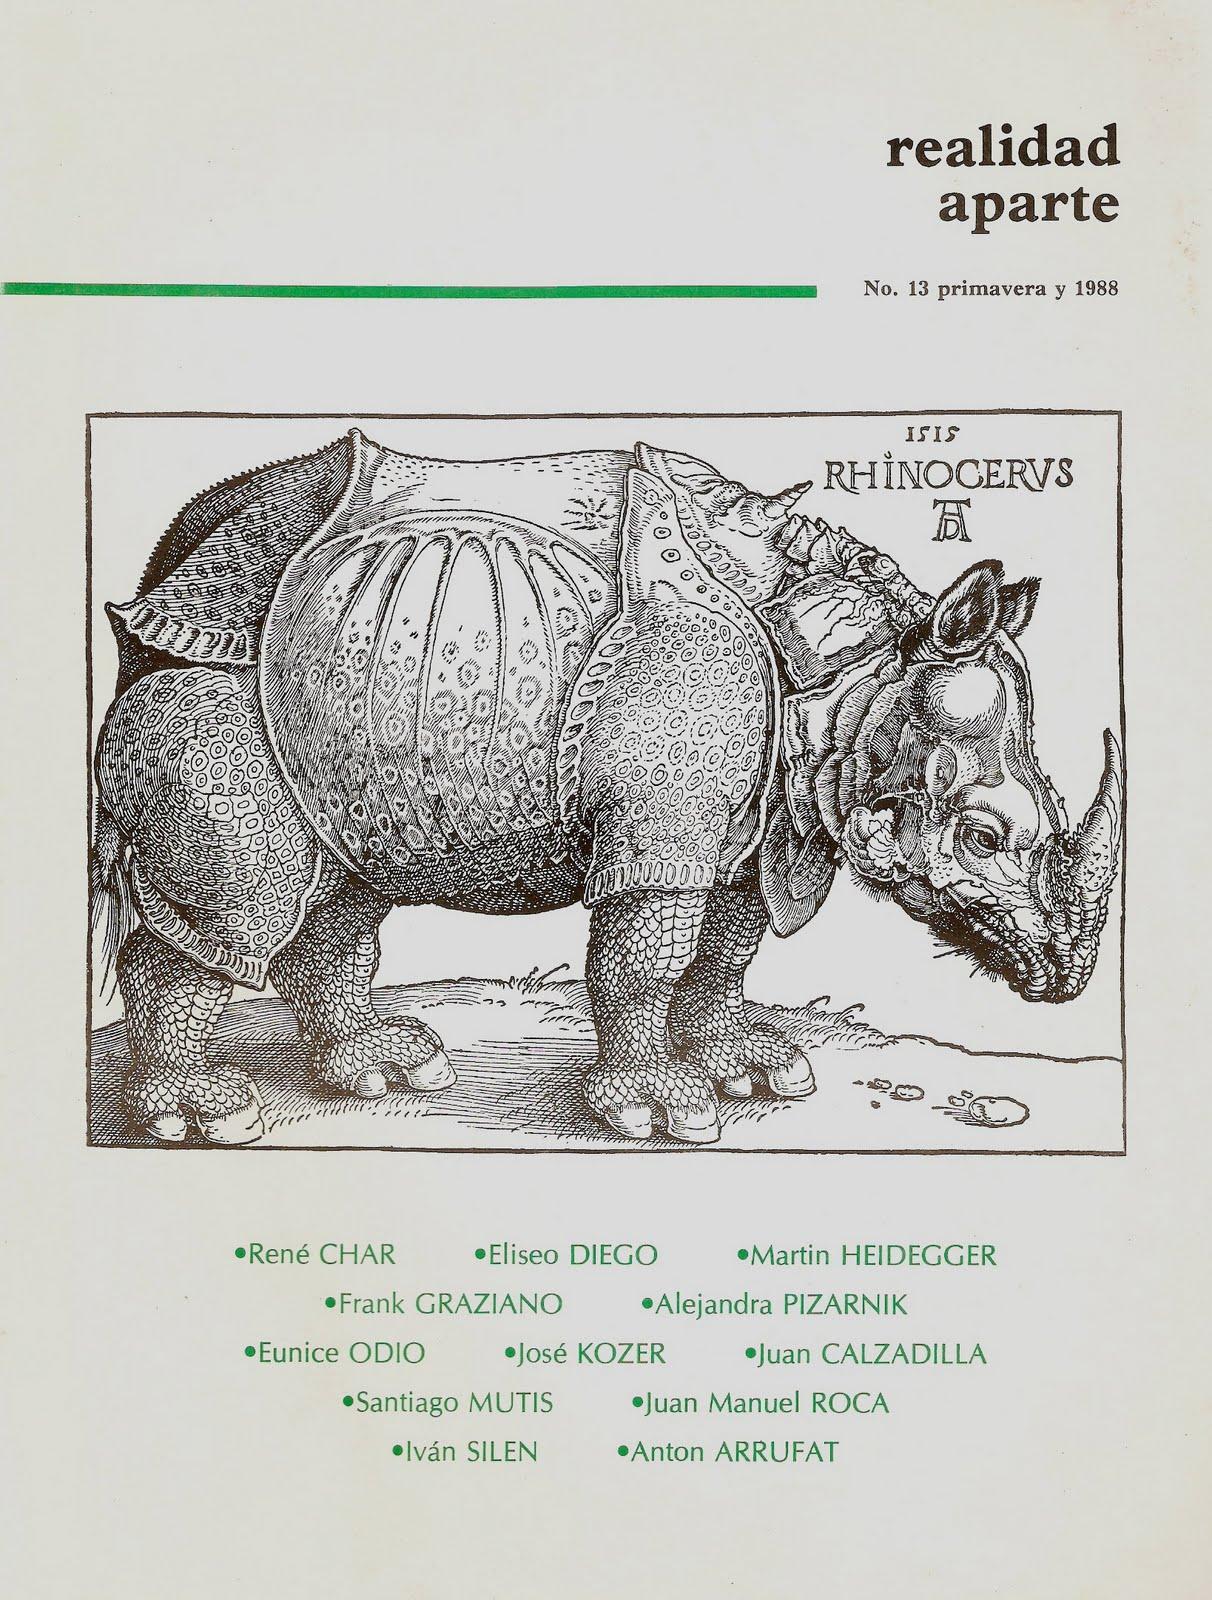 Realidad Aparte (revista ilustrada de poesía) No: 13, Primera vida